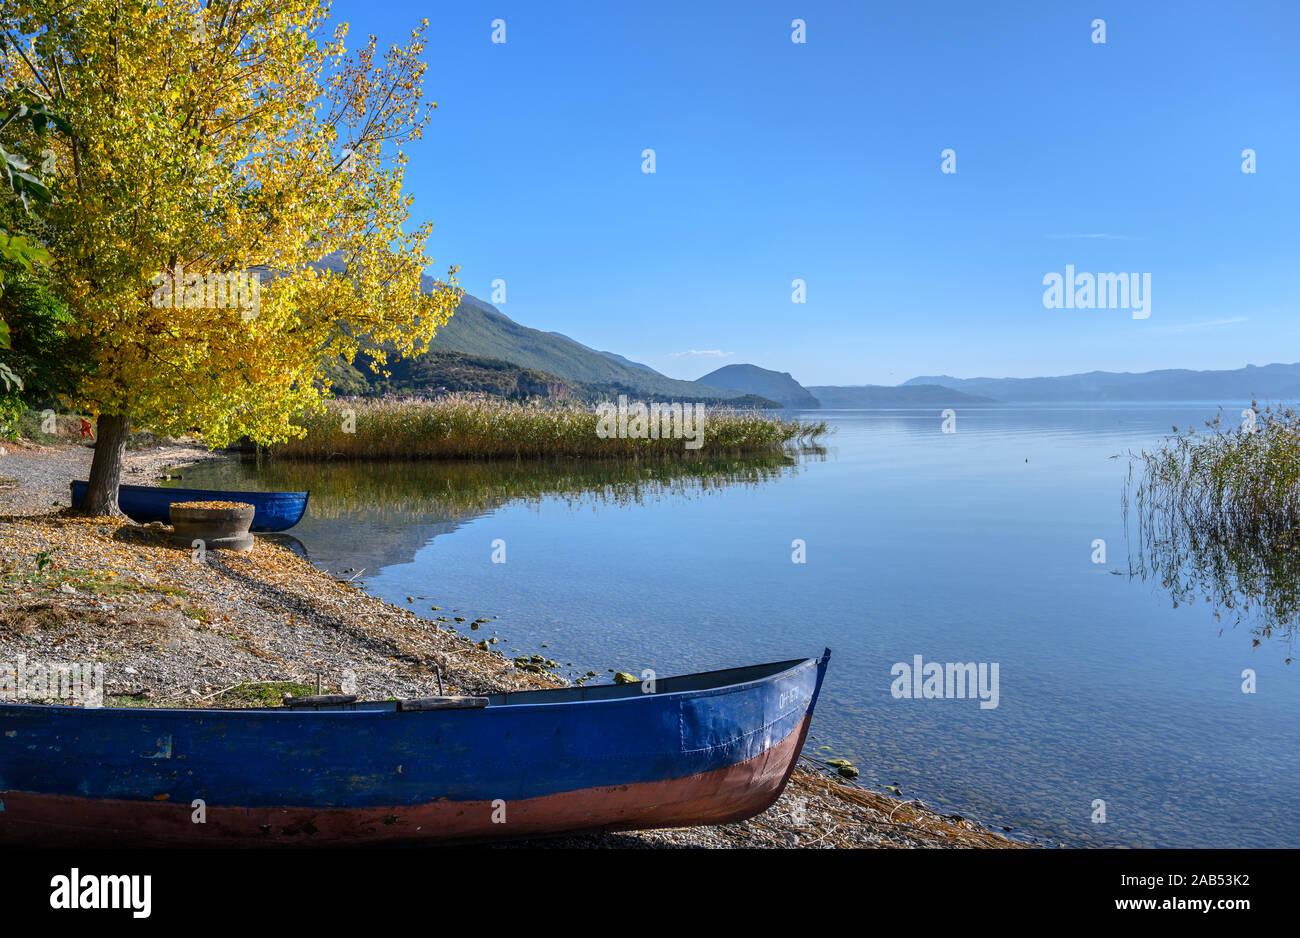 Otoño en la orilla del lago Ohrid cerca Peshtani en el norte de Macedonia, Europa. Foto de stock